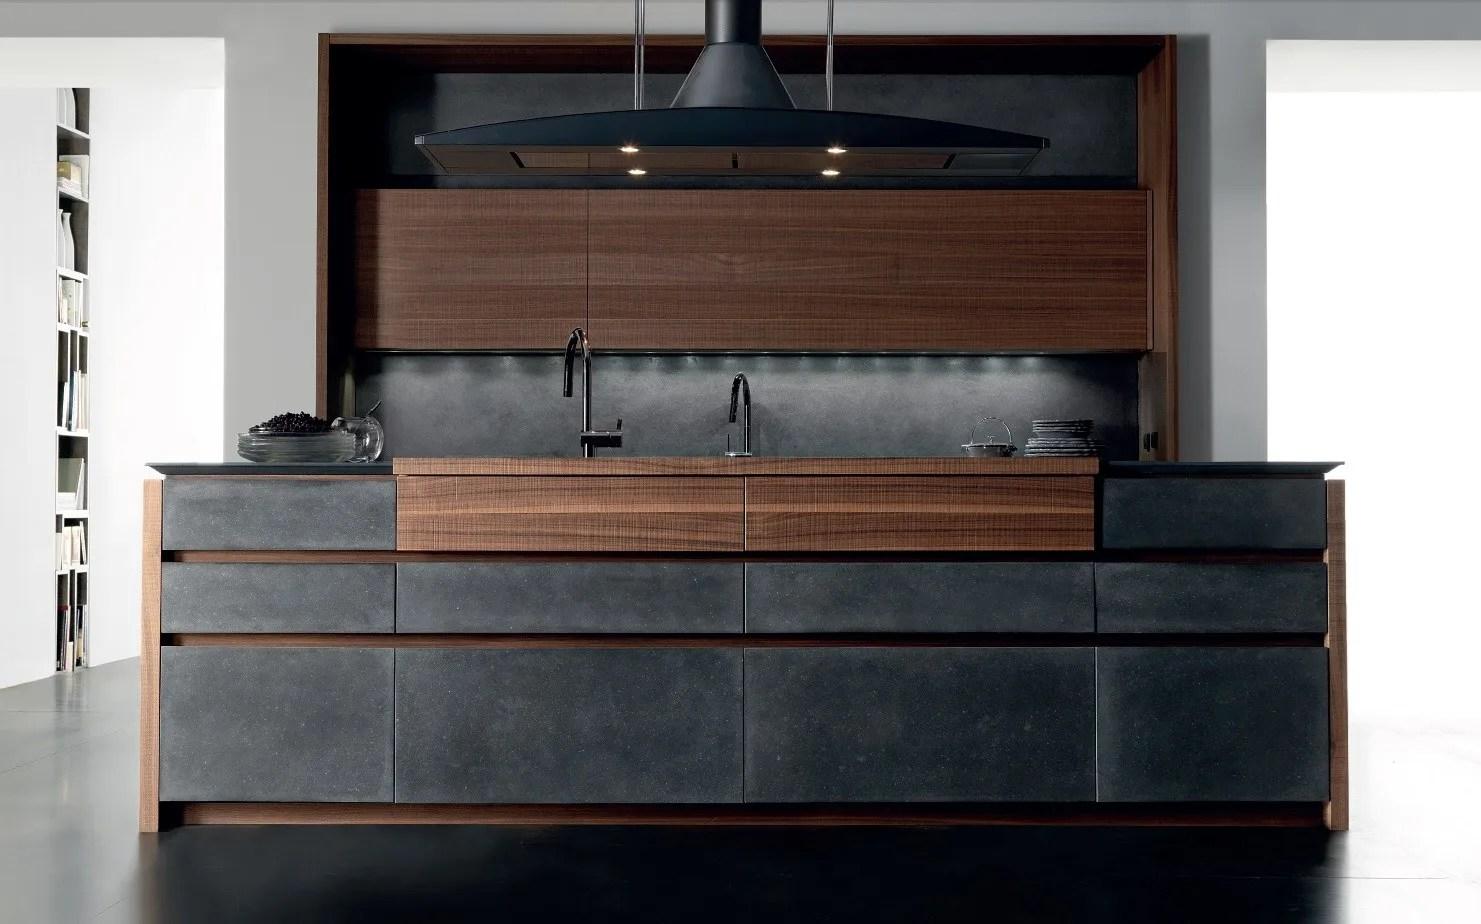 Cucina in cemento con isola WIND CEMENTO ETA NOIR by